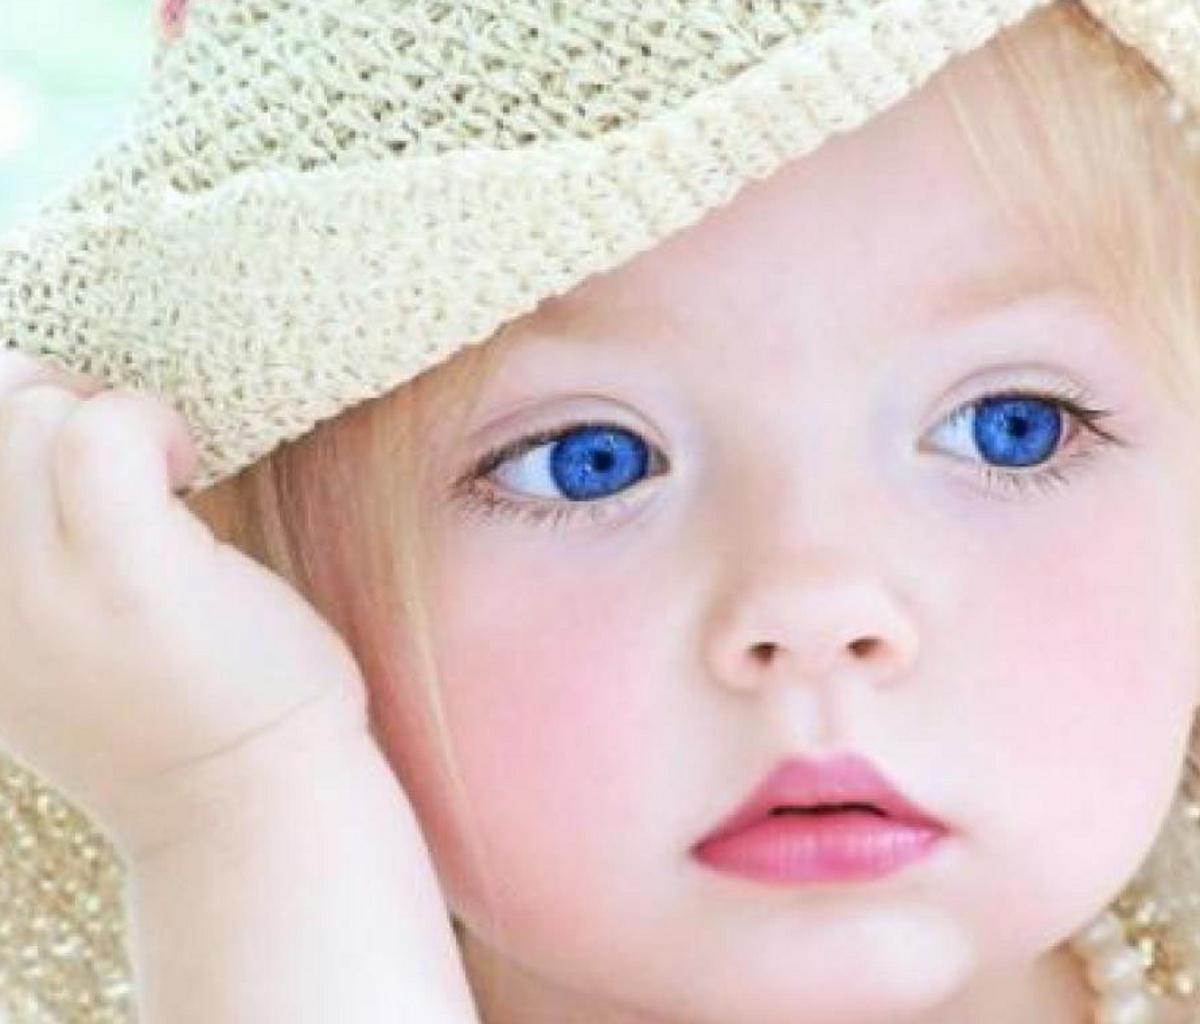 http://4.bp.blogspot.com/-VuRfpg6CPZ0/T8W8moAPCrI/AAAAAAAAHKY/VnLiPlfga0U/s1600/cute_baby.jpg